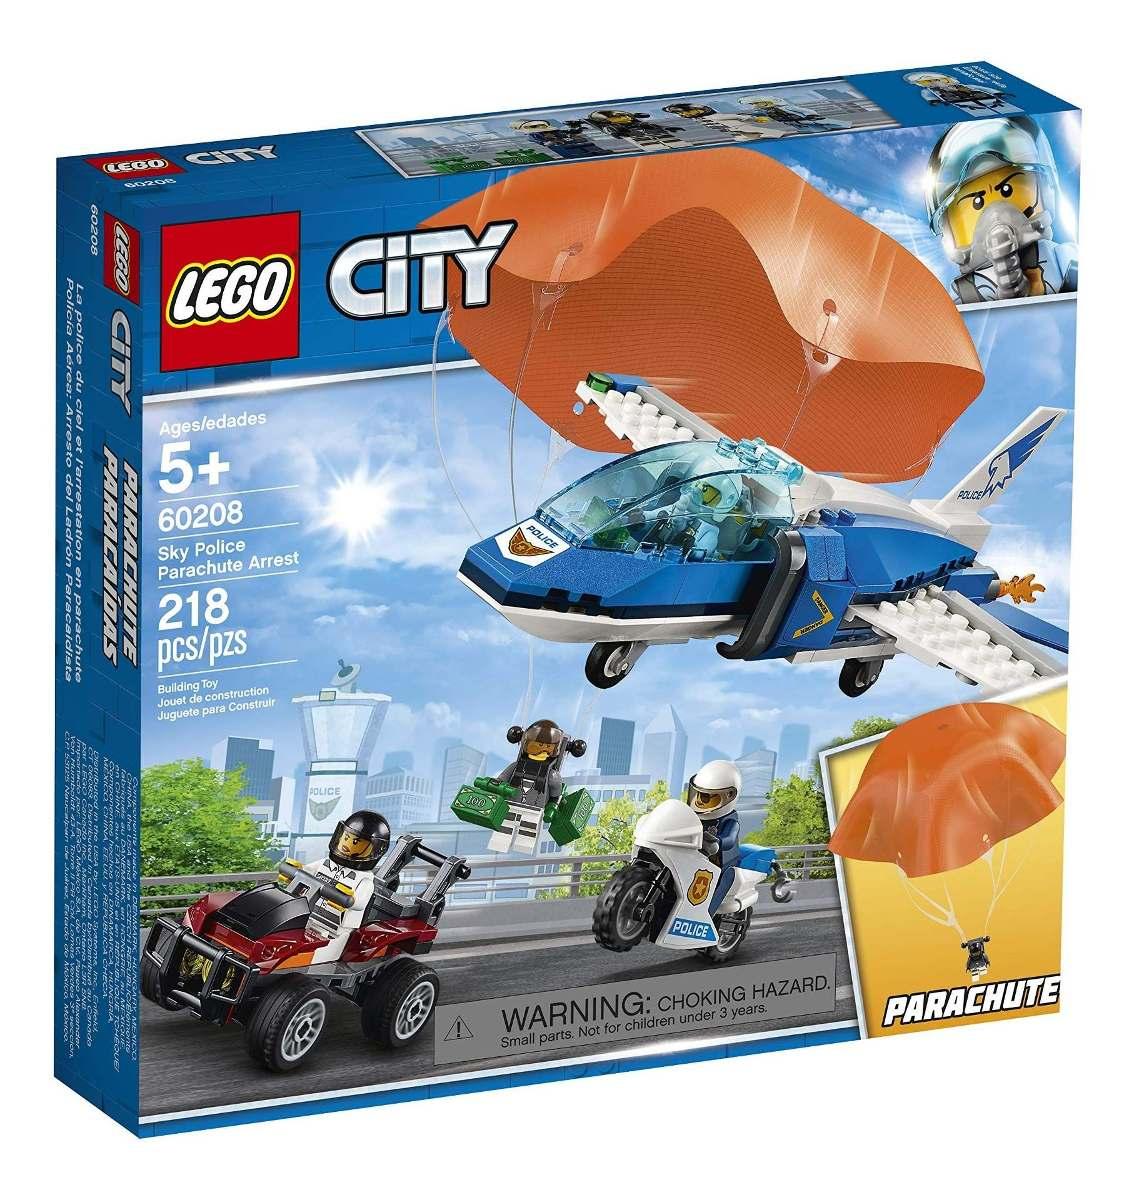 LEGO CITY POLICIA AÉREA DETENCÃO PARAQUEDAS 60208